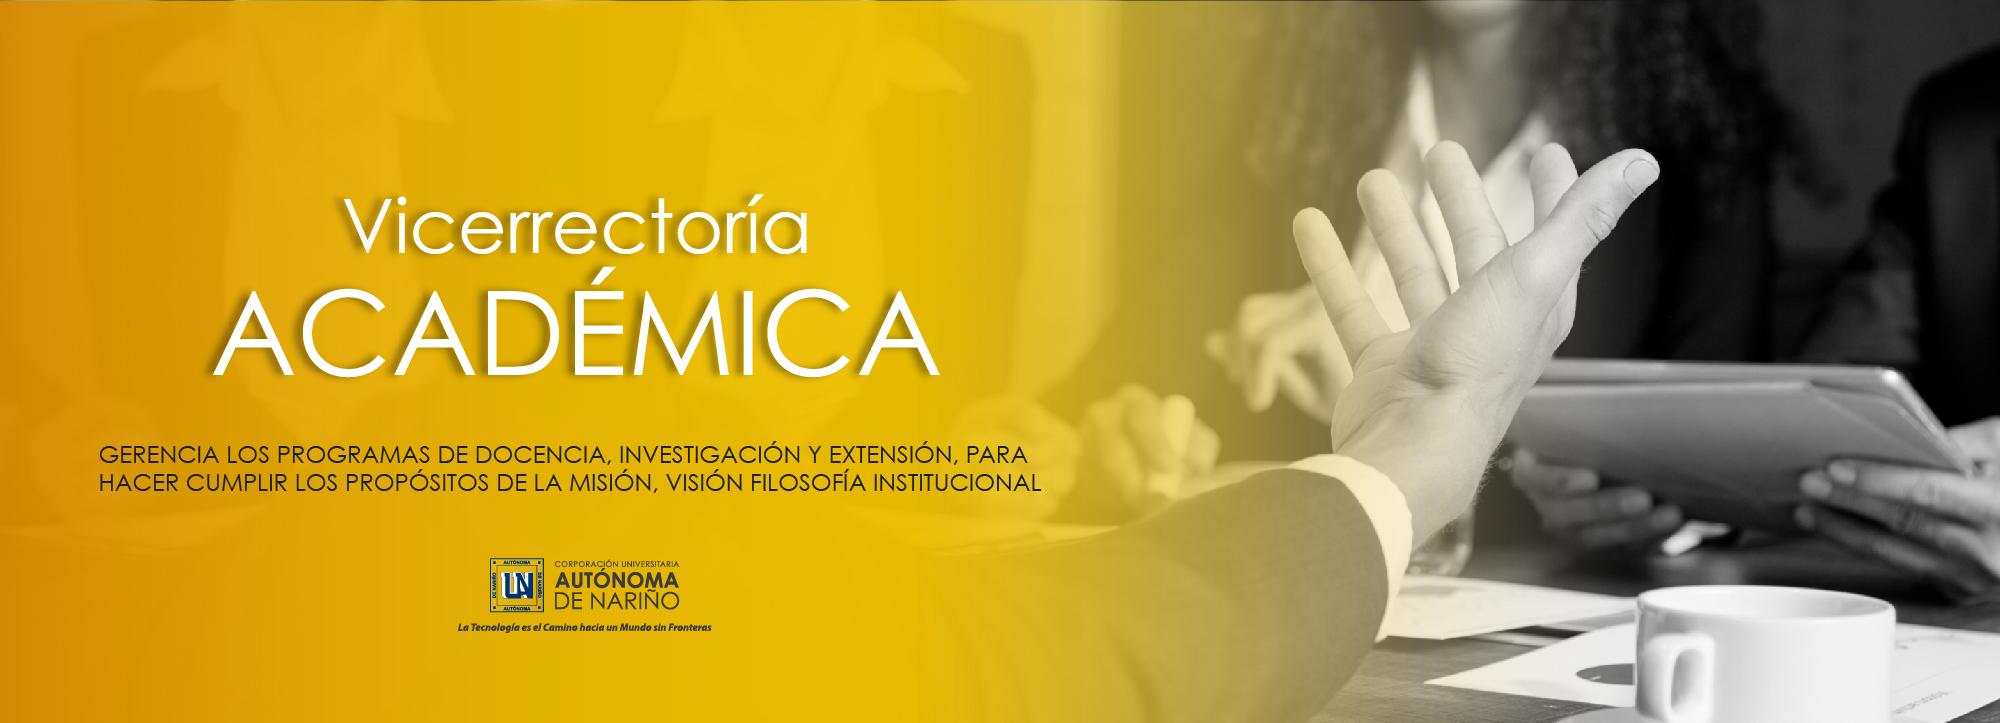 Vicerrectoría – Académica